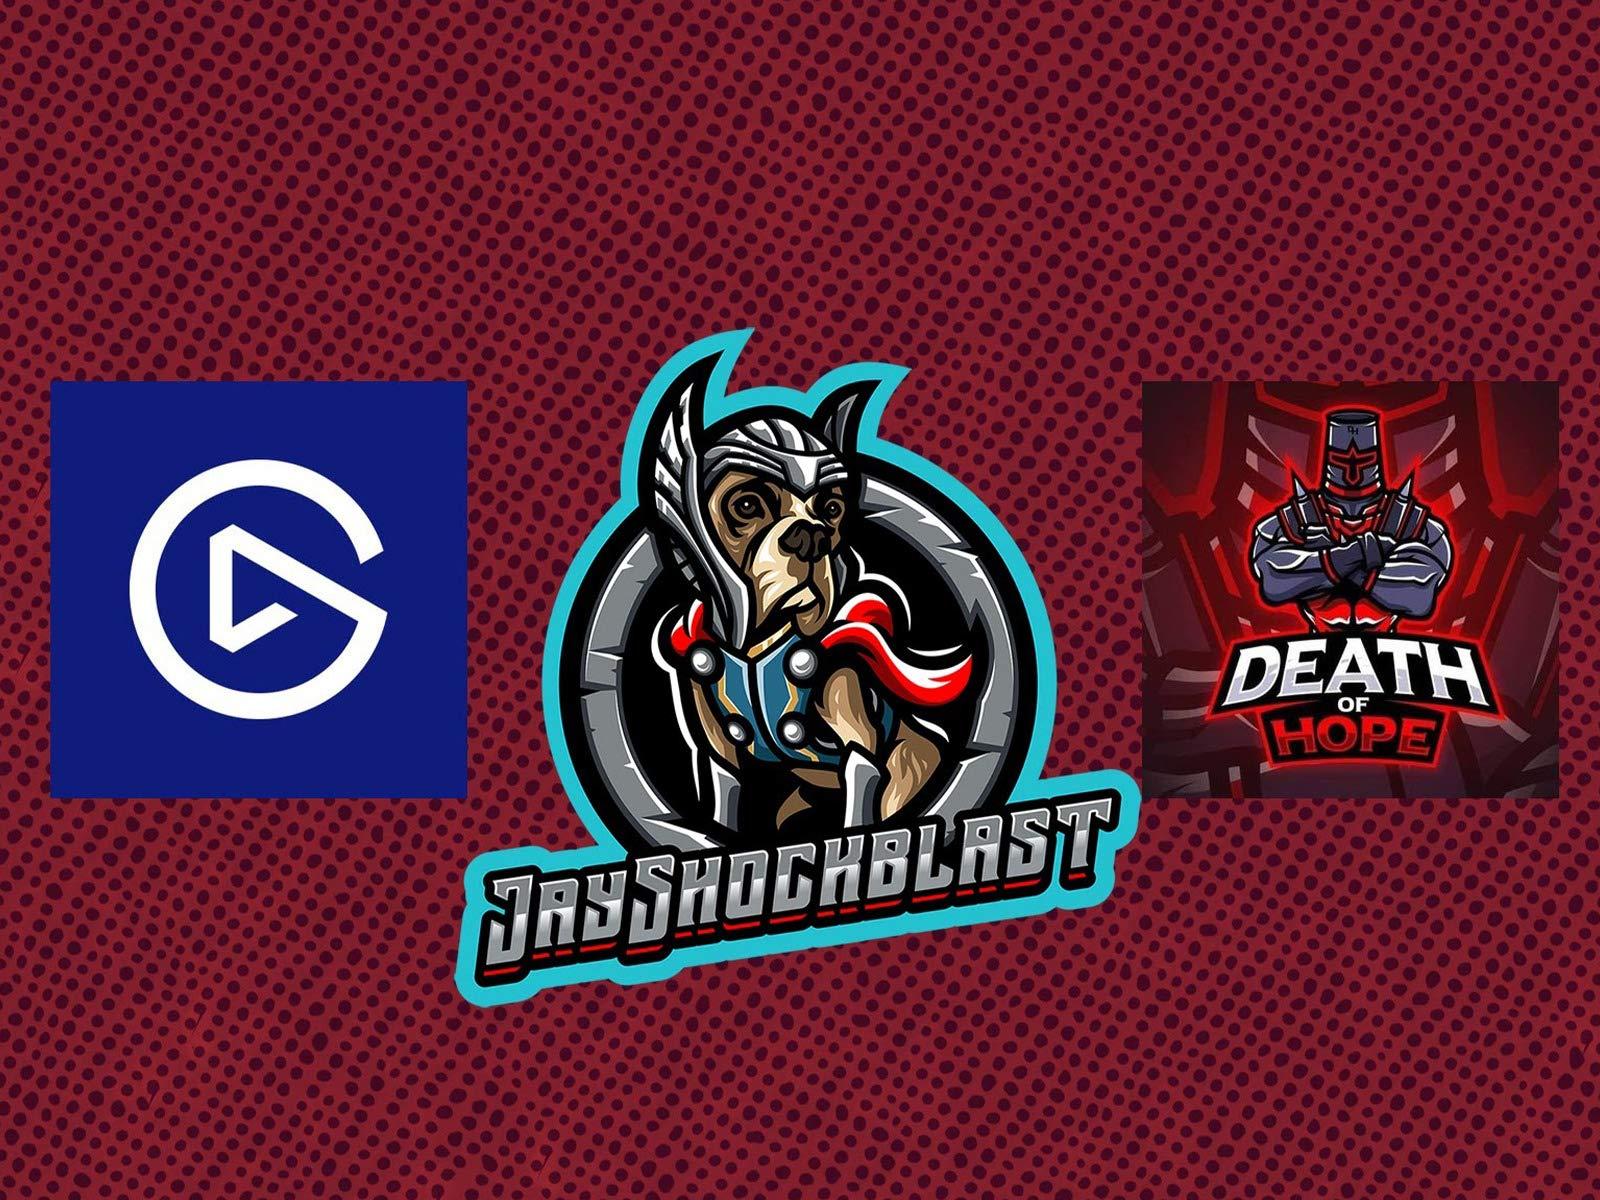 Clip: Jayshockblast - Season 1